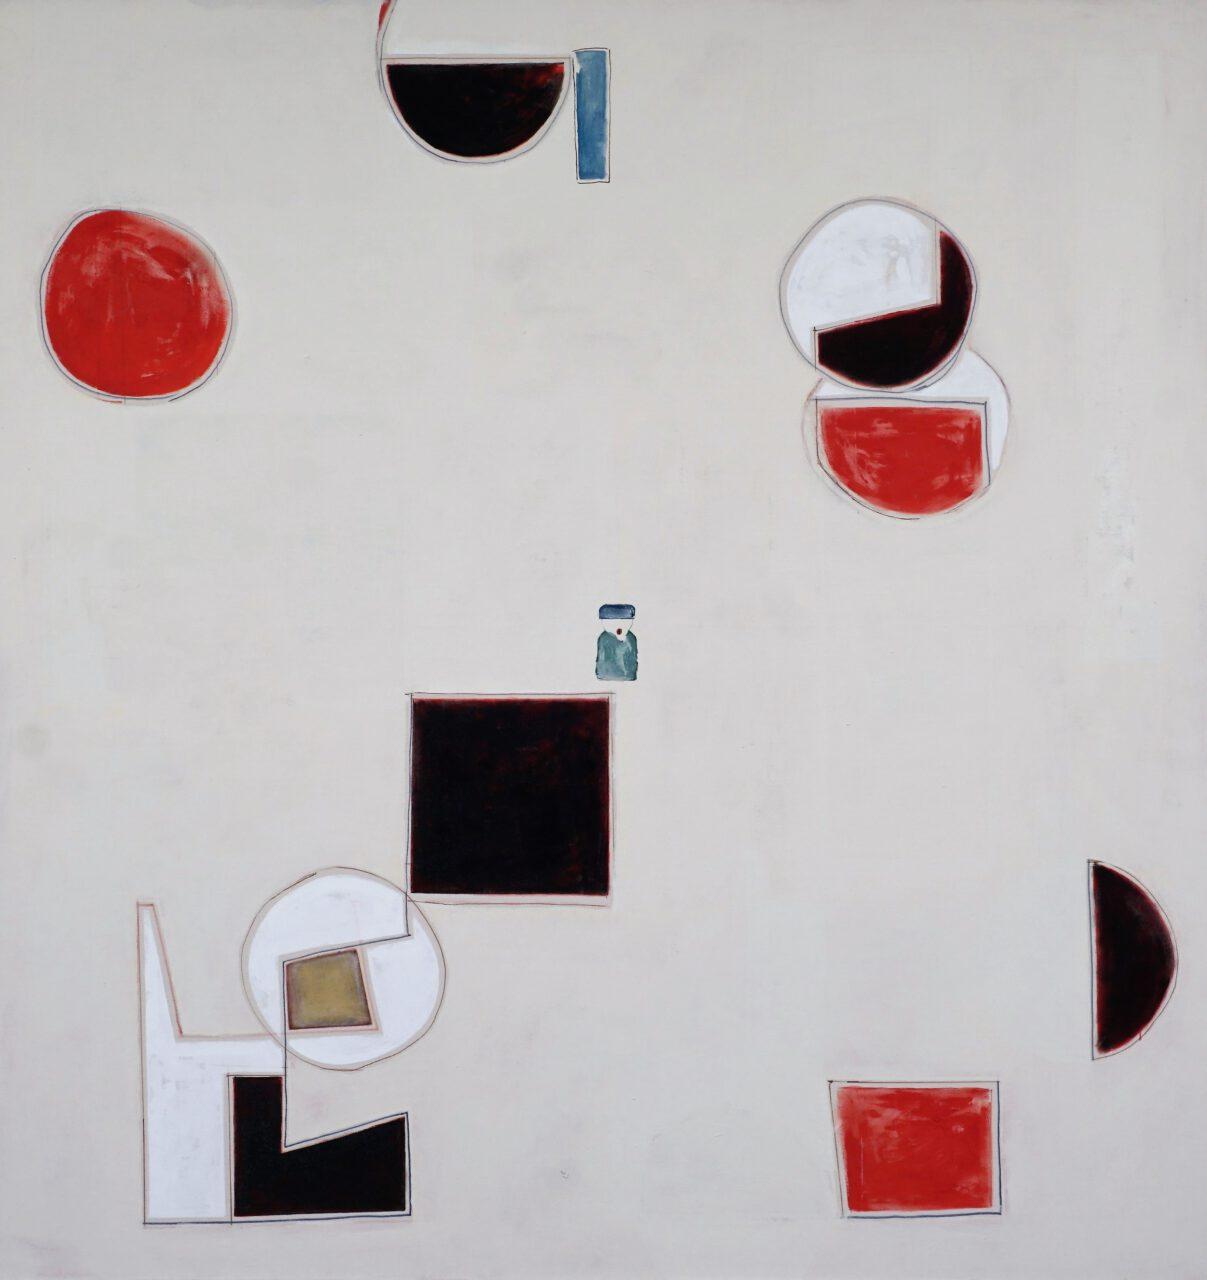 Doppelkreuz Gawriil, 2016-2019, Acrylic, pigments on canvas, 160 x 167,5 cm